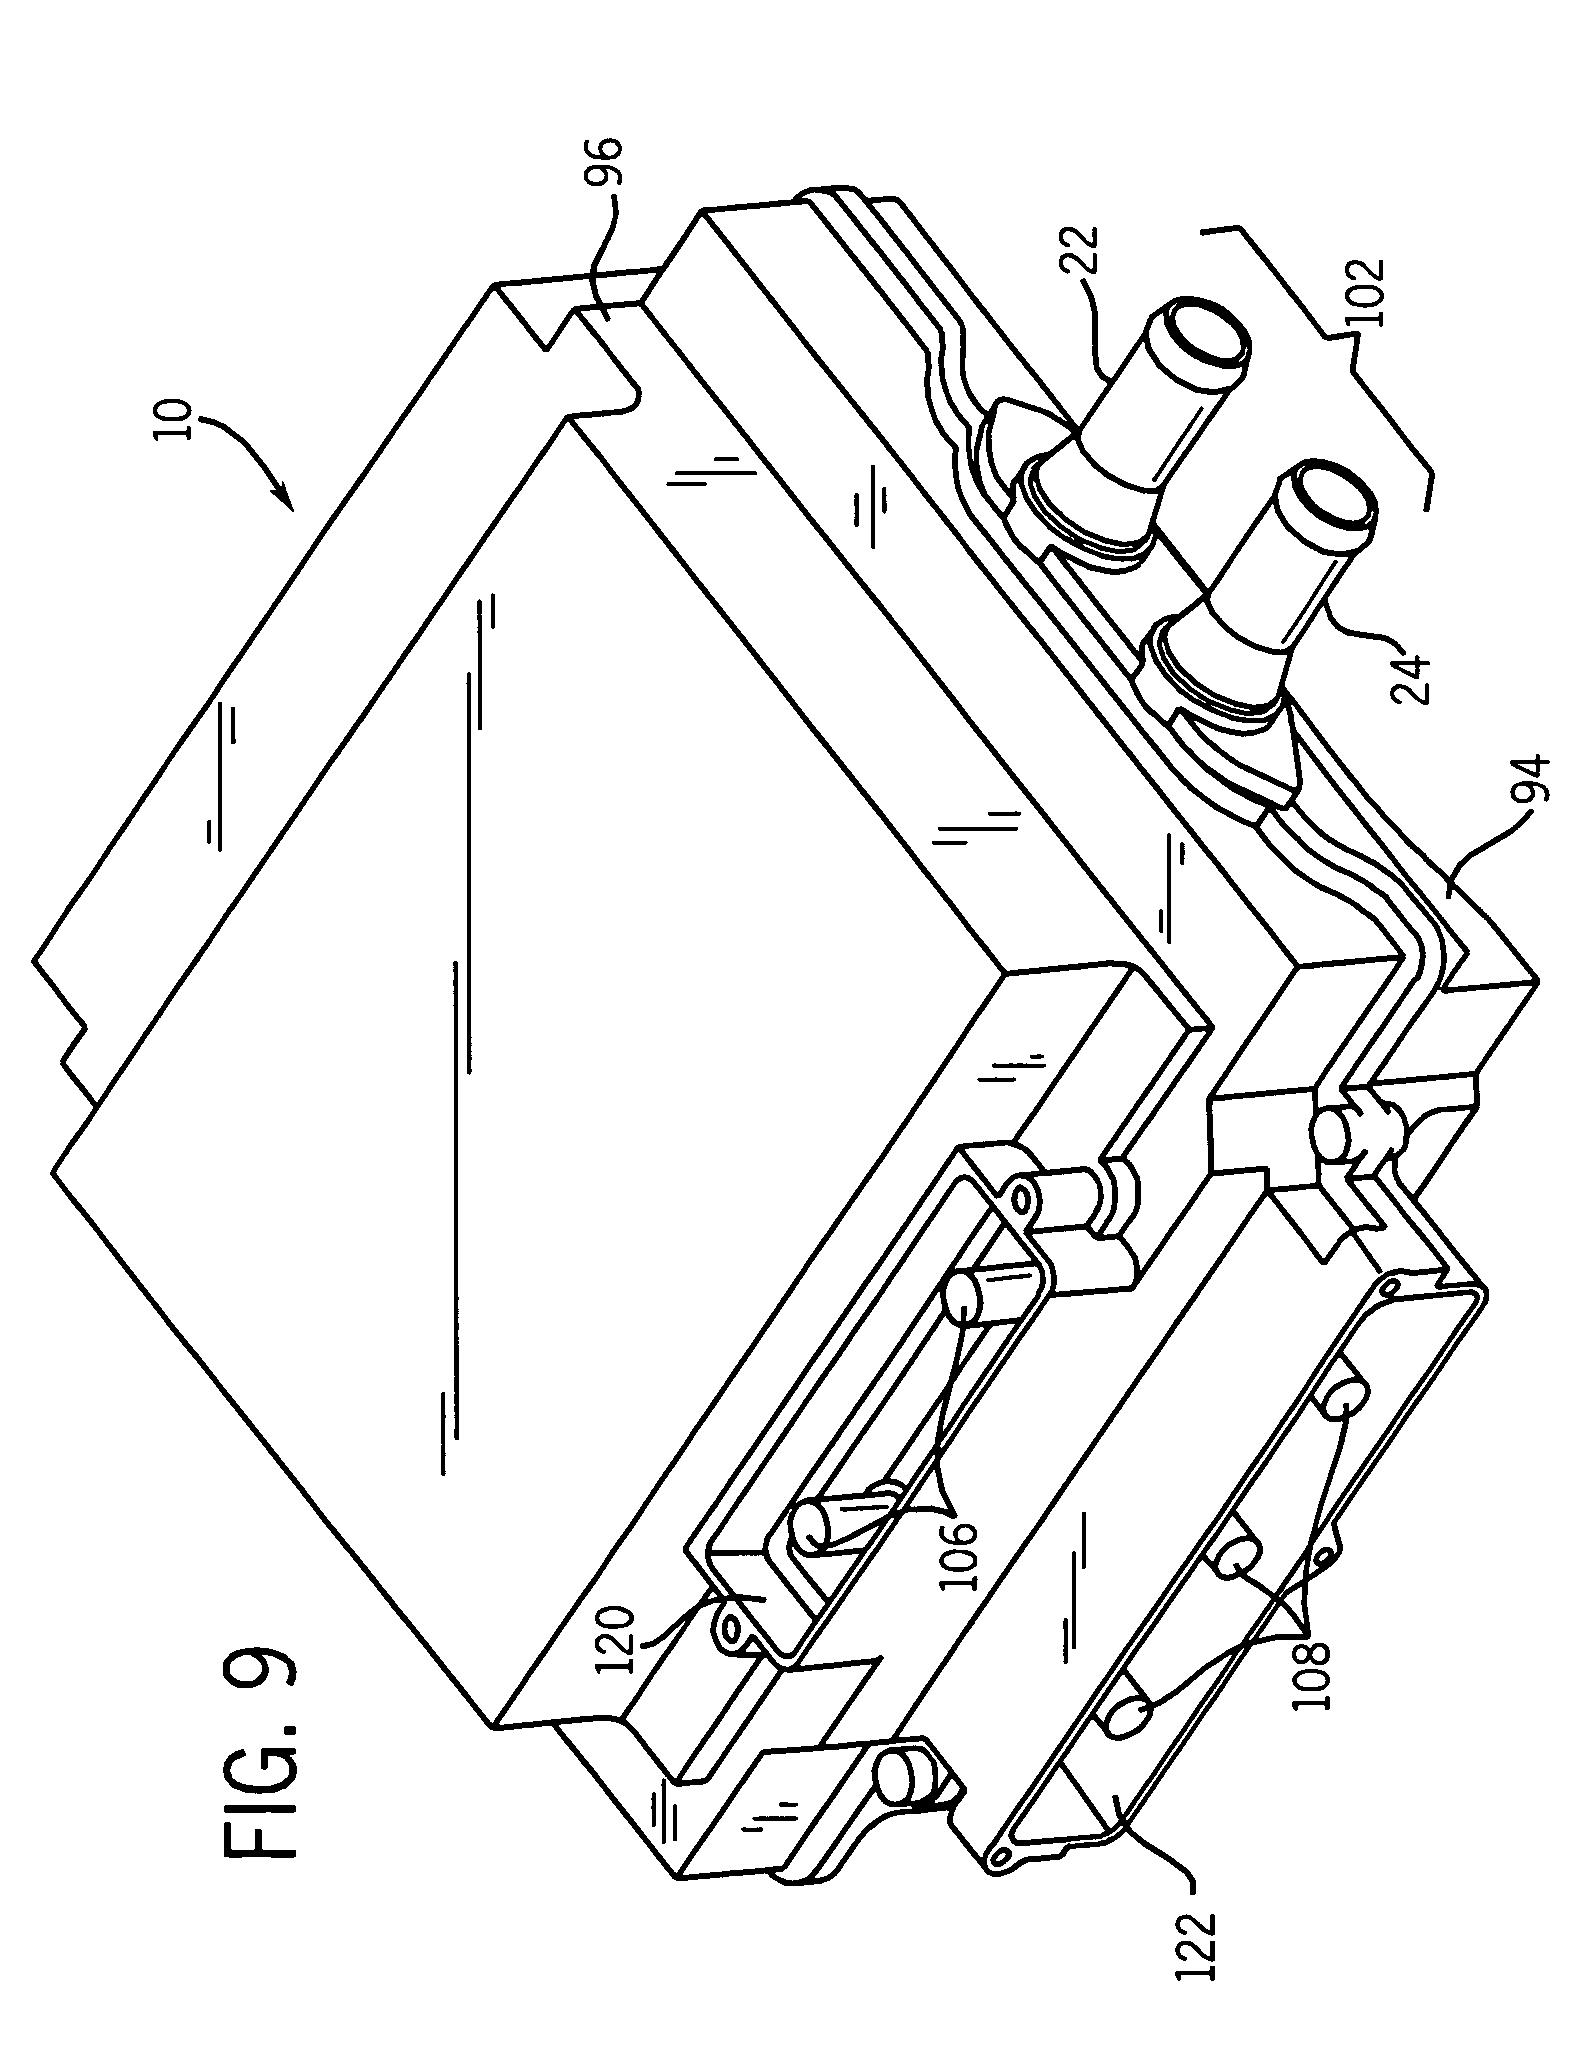 Wiring Diagram PDF: 110 Receptacle Wiring